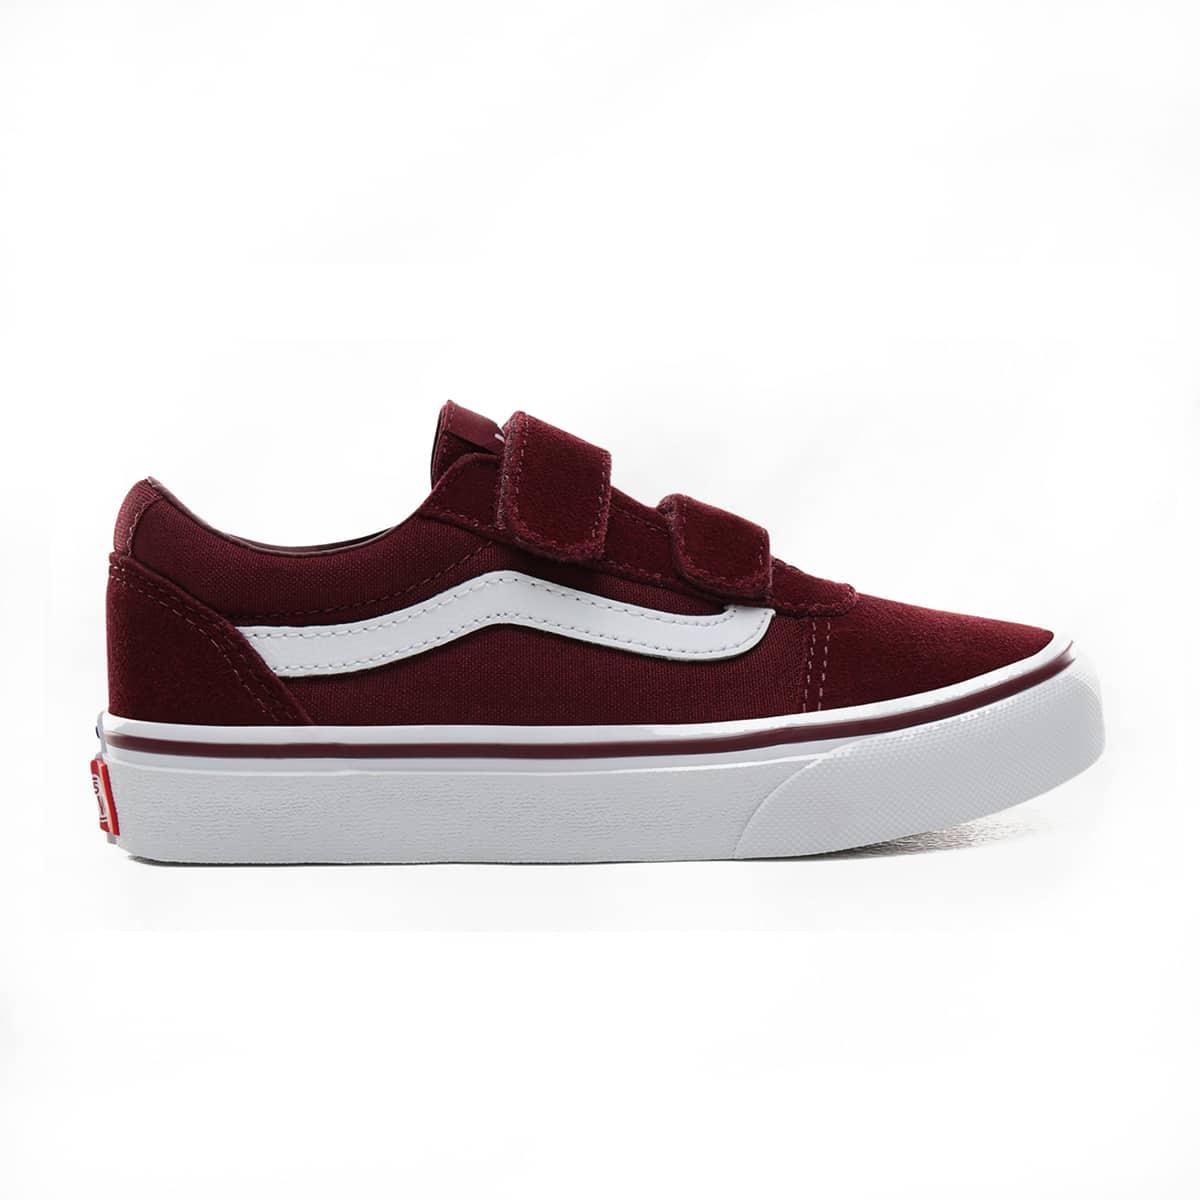 Vans Ward V-Velcro Rouges   Chaussures enfant   Skate.fr